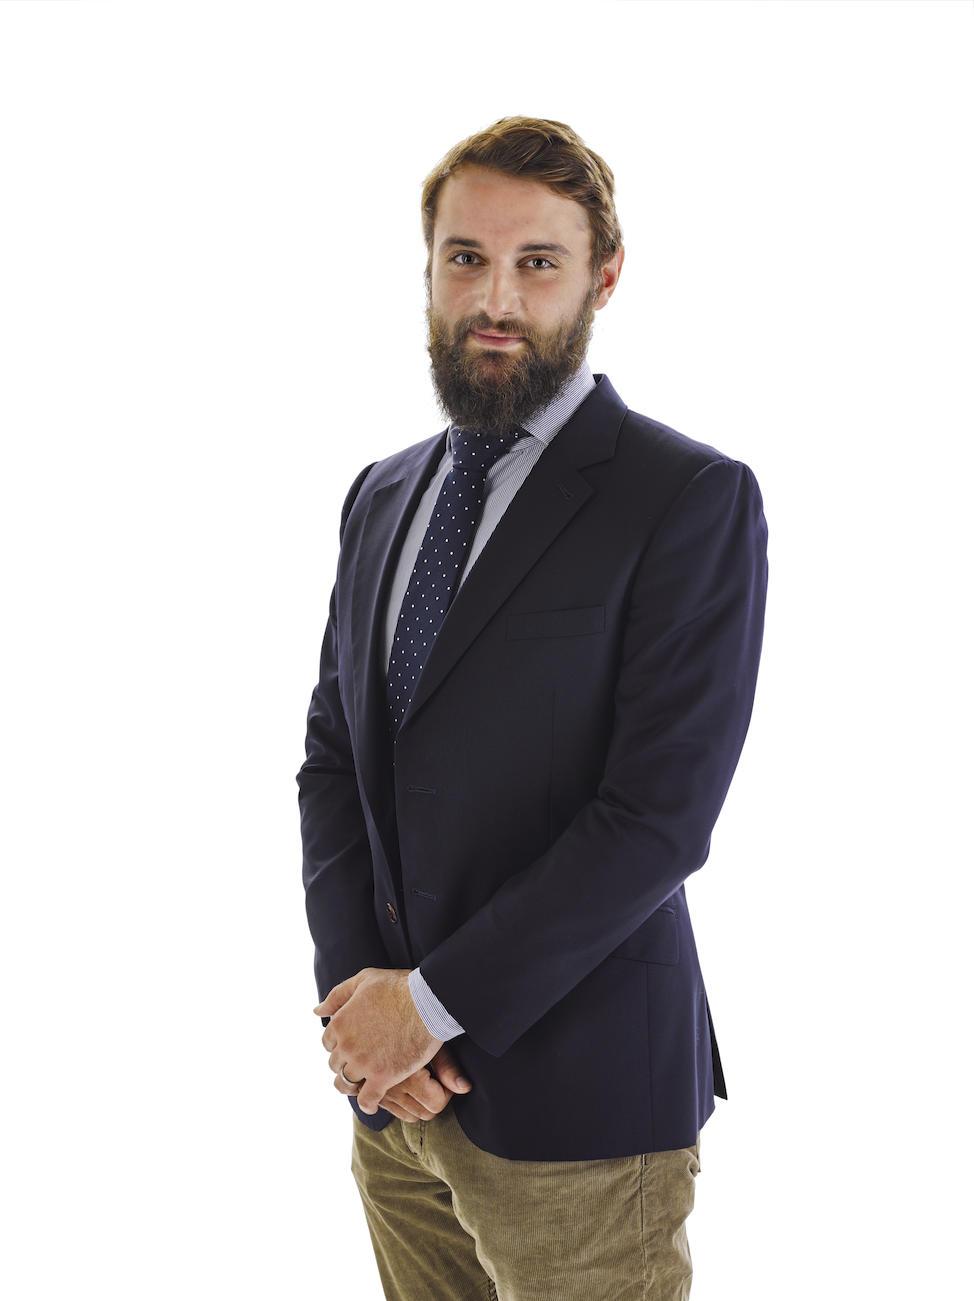 Mathieu Guyot-Sionnest